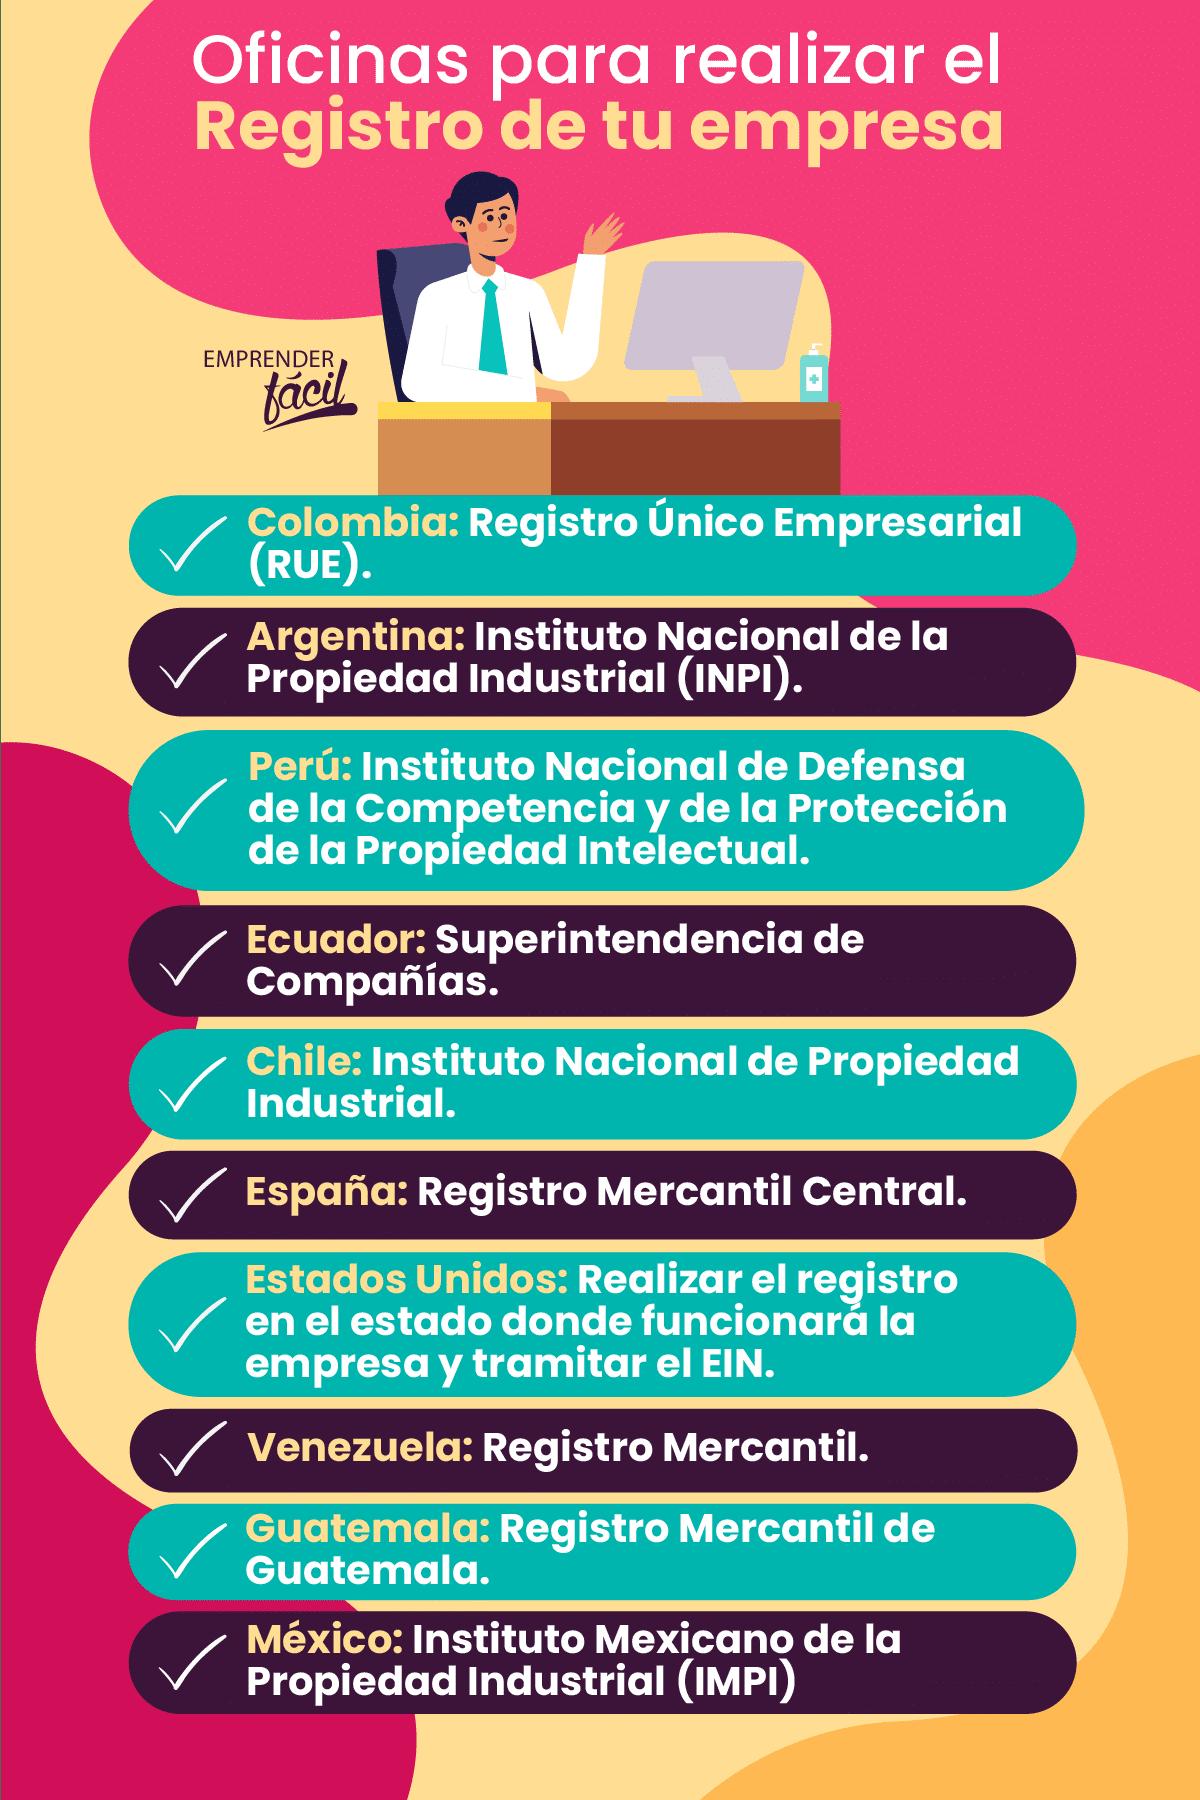 Oficinas que gestionan el proceso del registro de nombre de empresa por países.